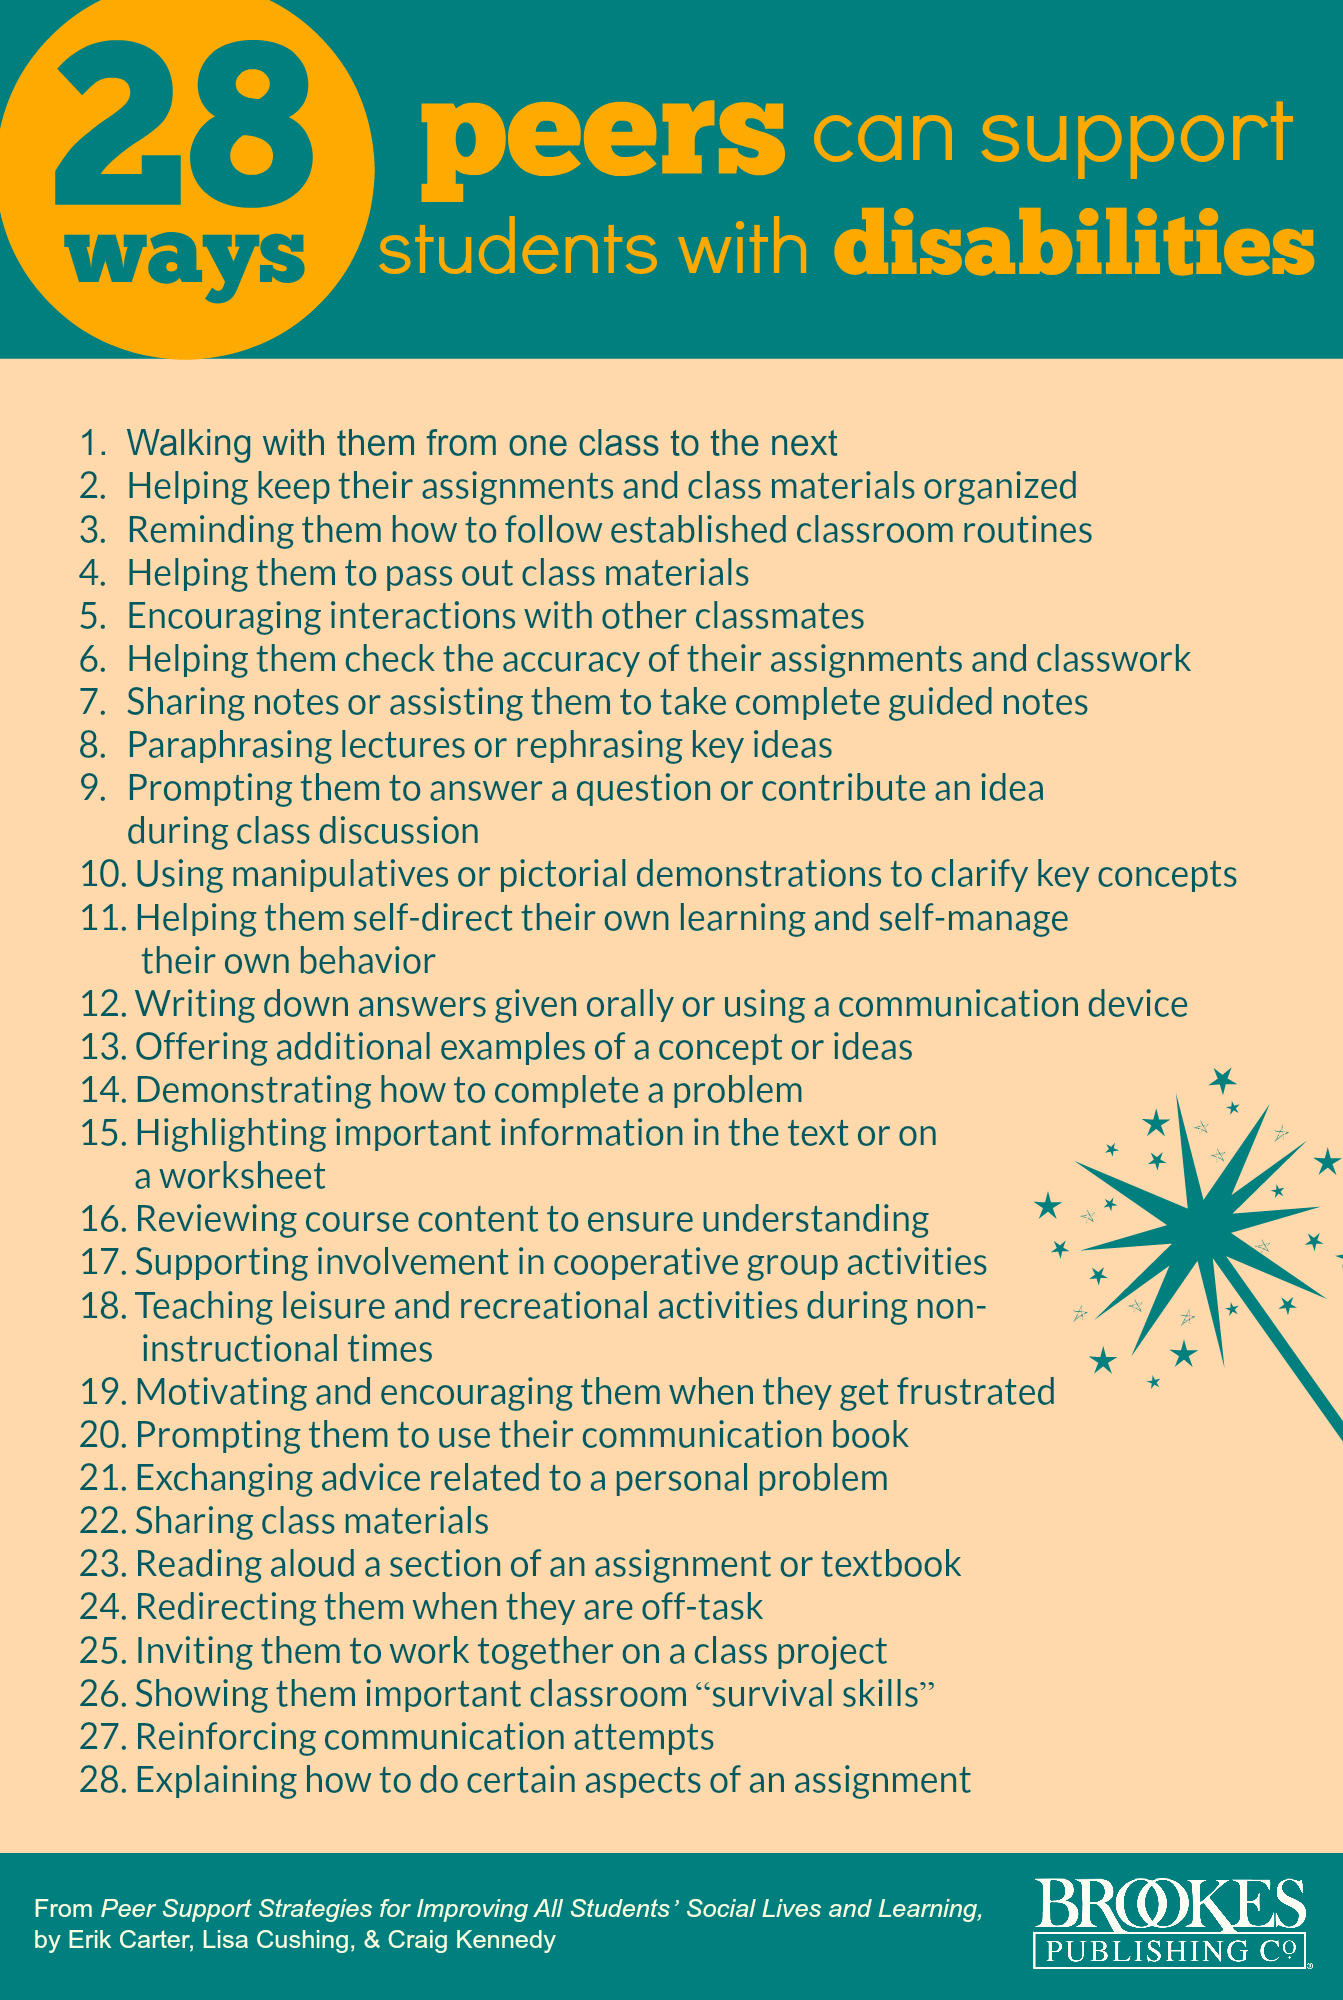 28 ways peer support